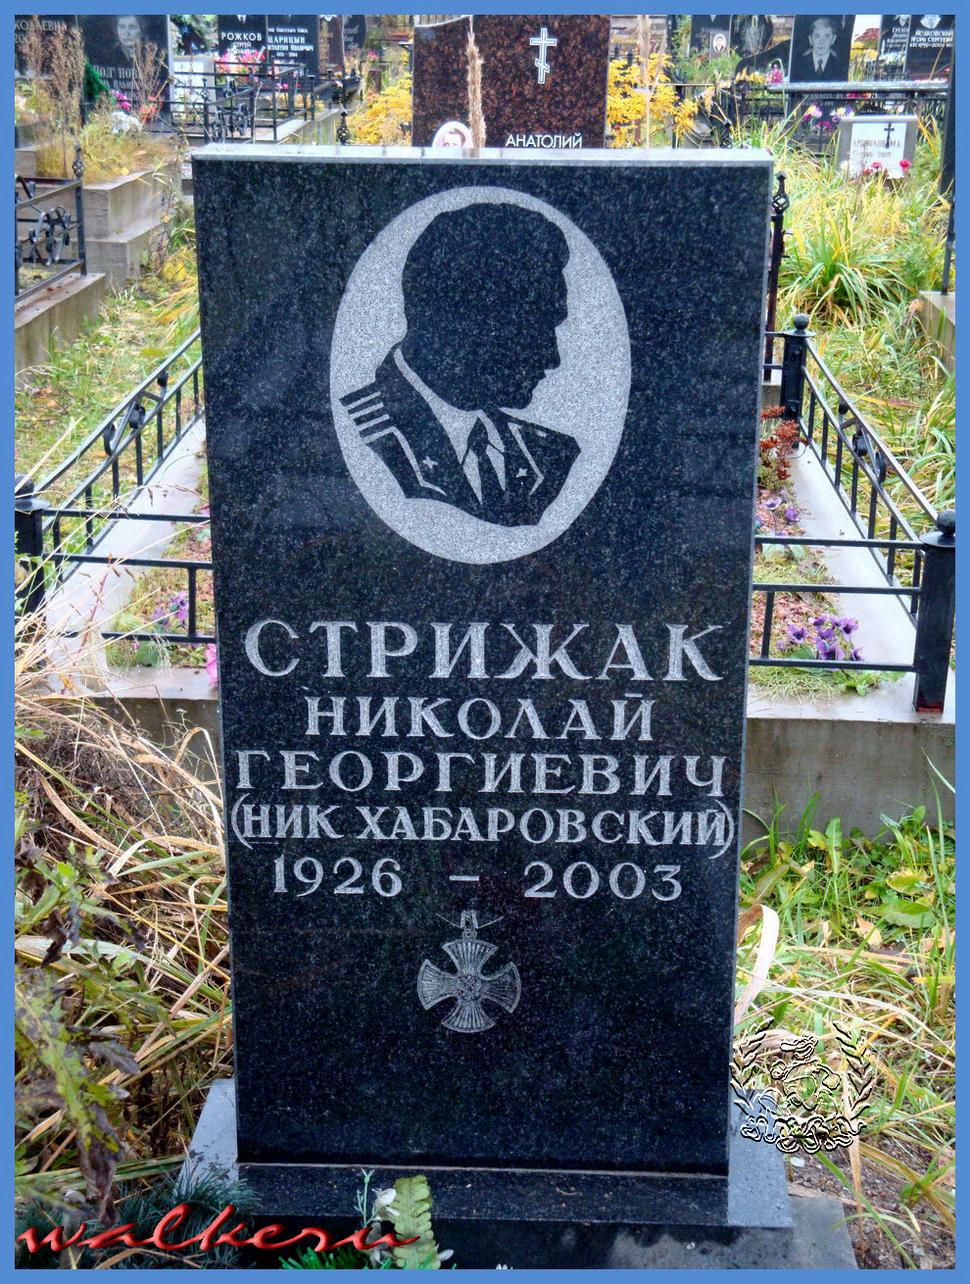 СТРИЖАК Николай Георгиевич